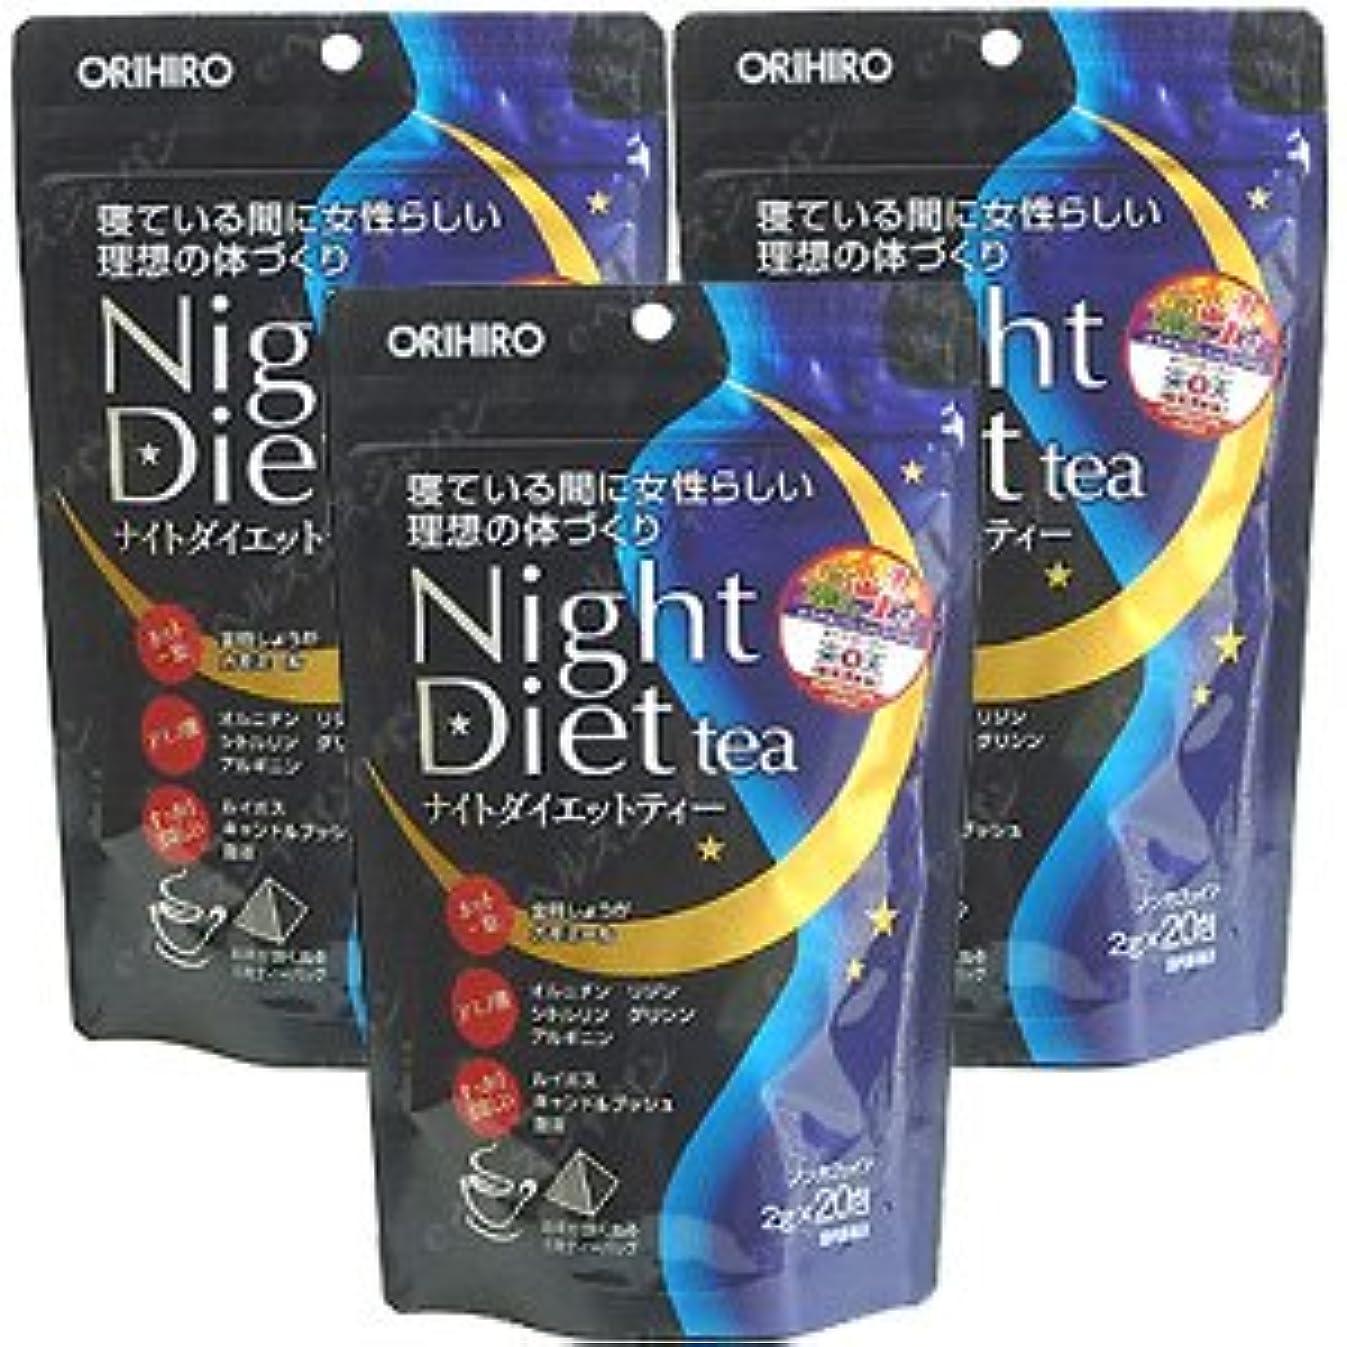 玉省略にじみ出るオリヒロ ナイトダイエットティー【3袋セット】